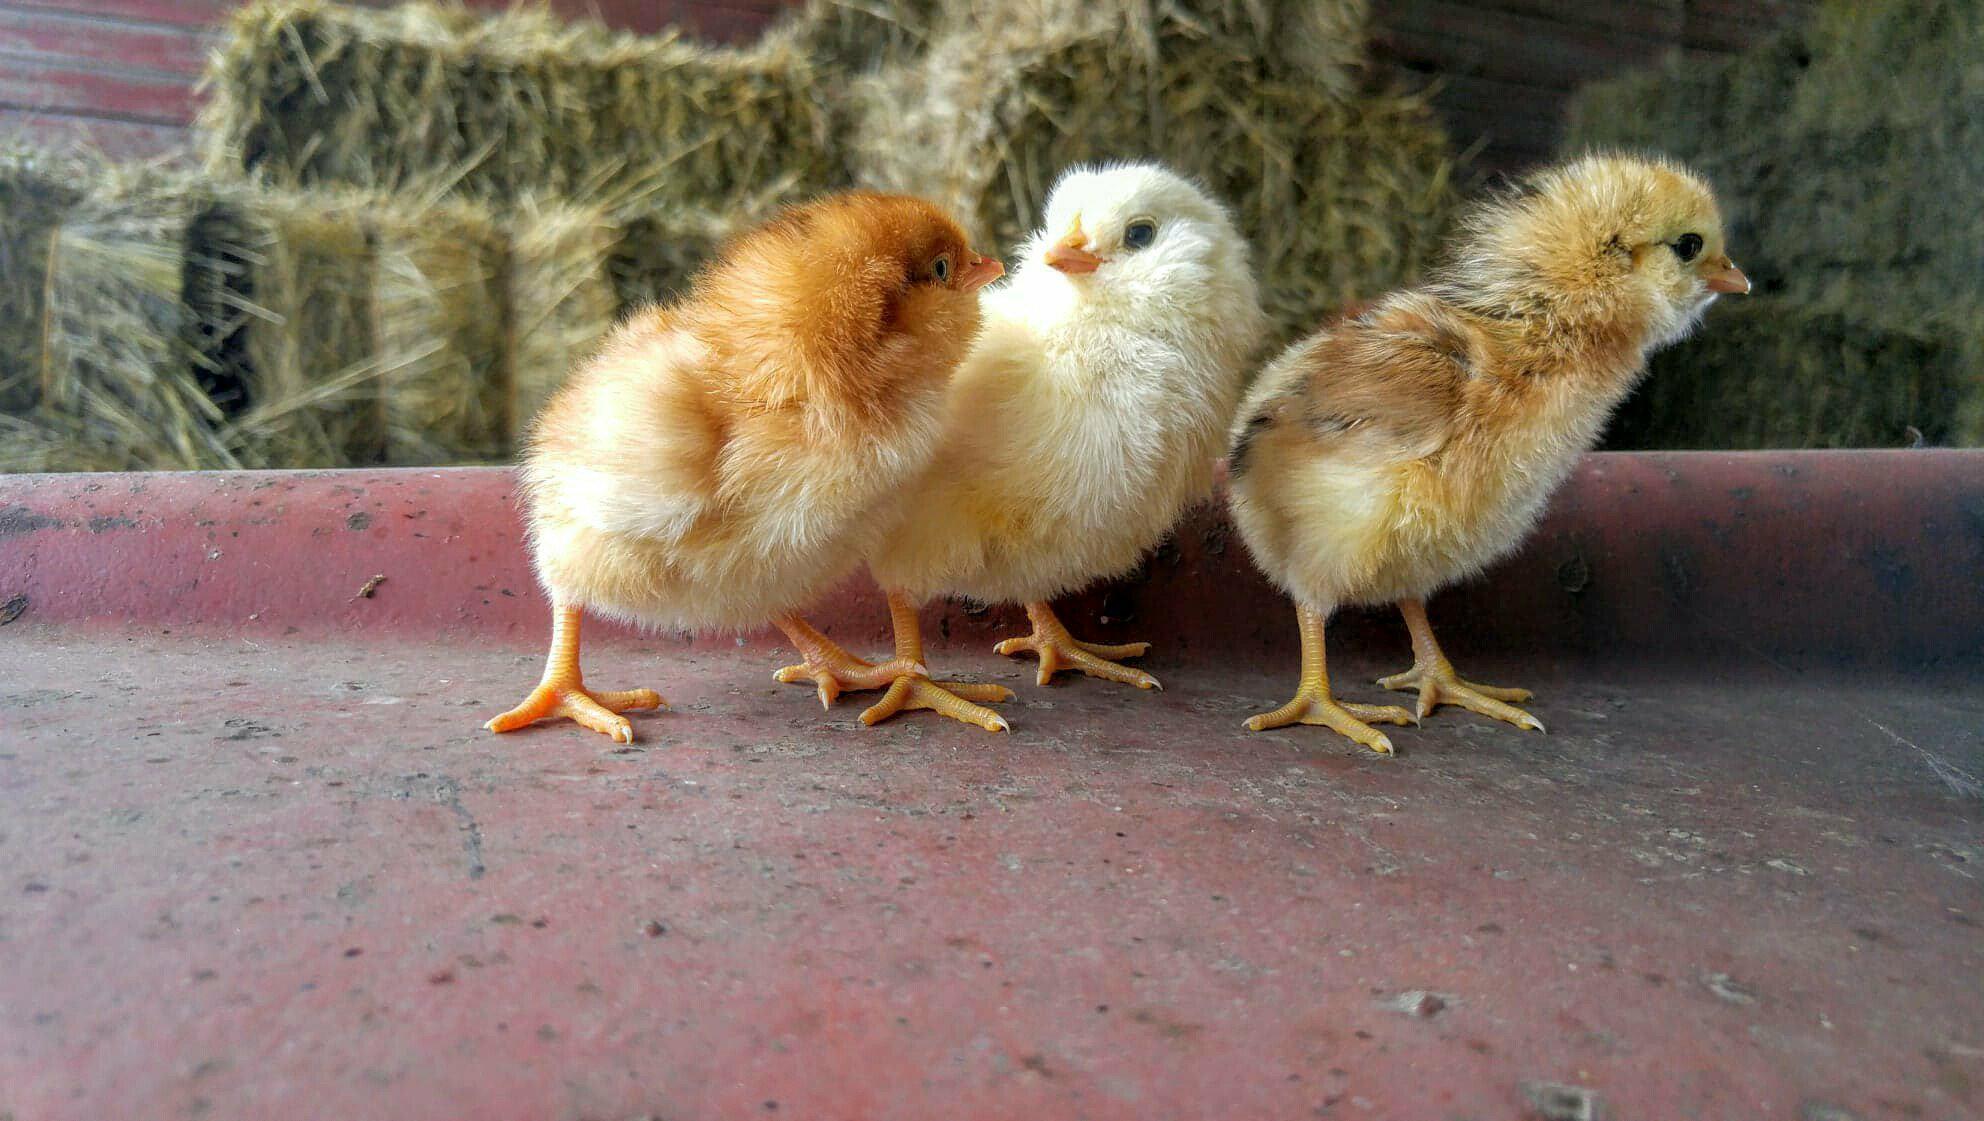 3 little chicks.jpg